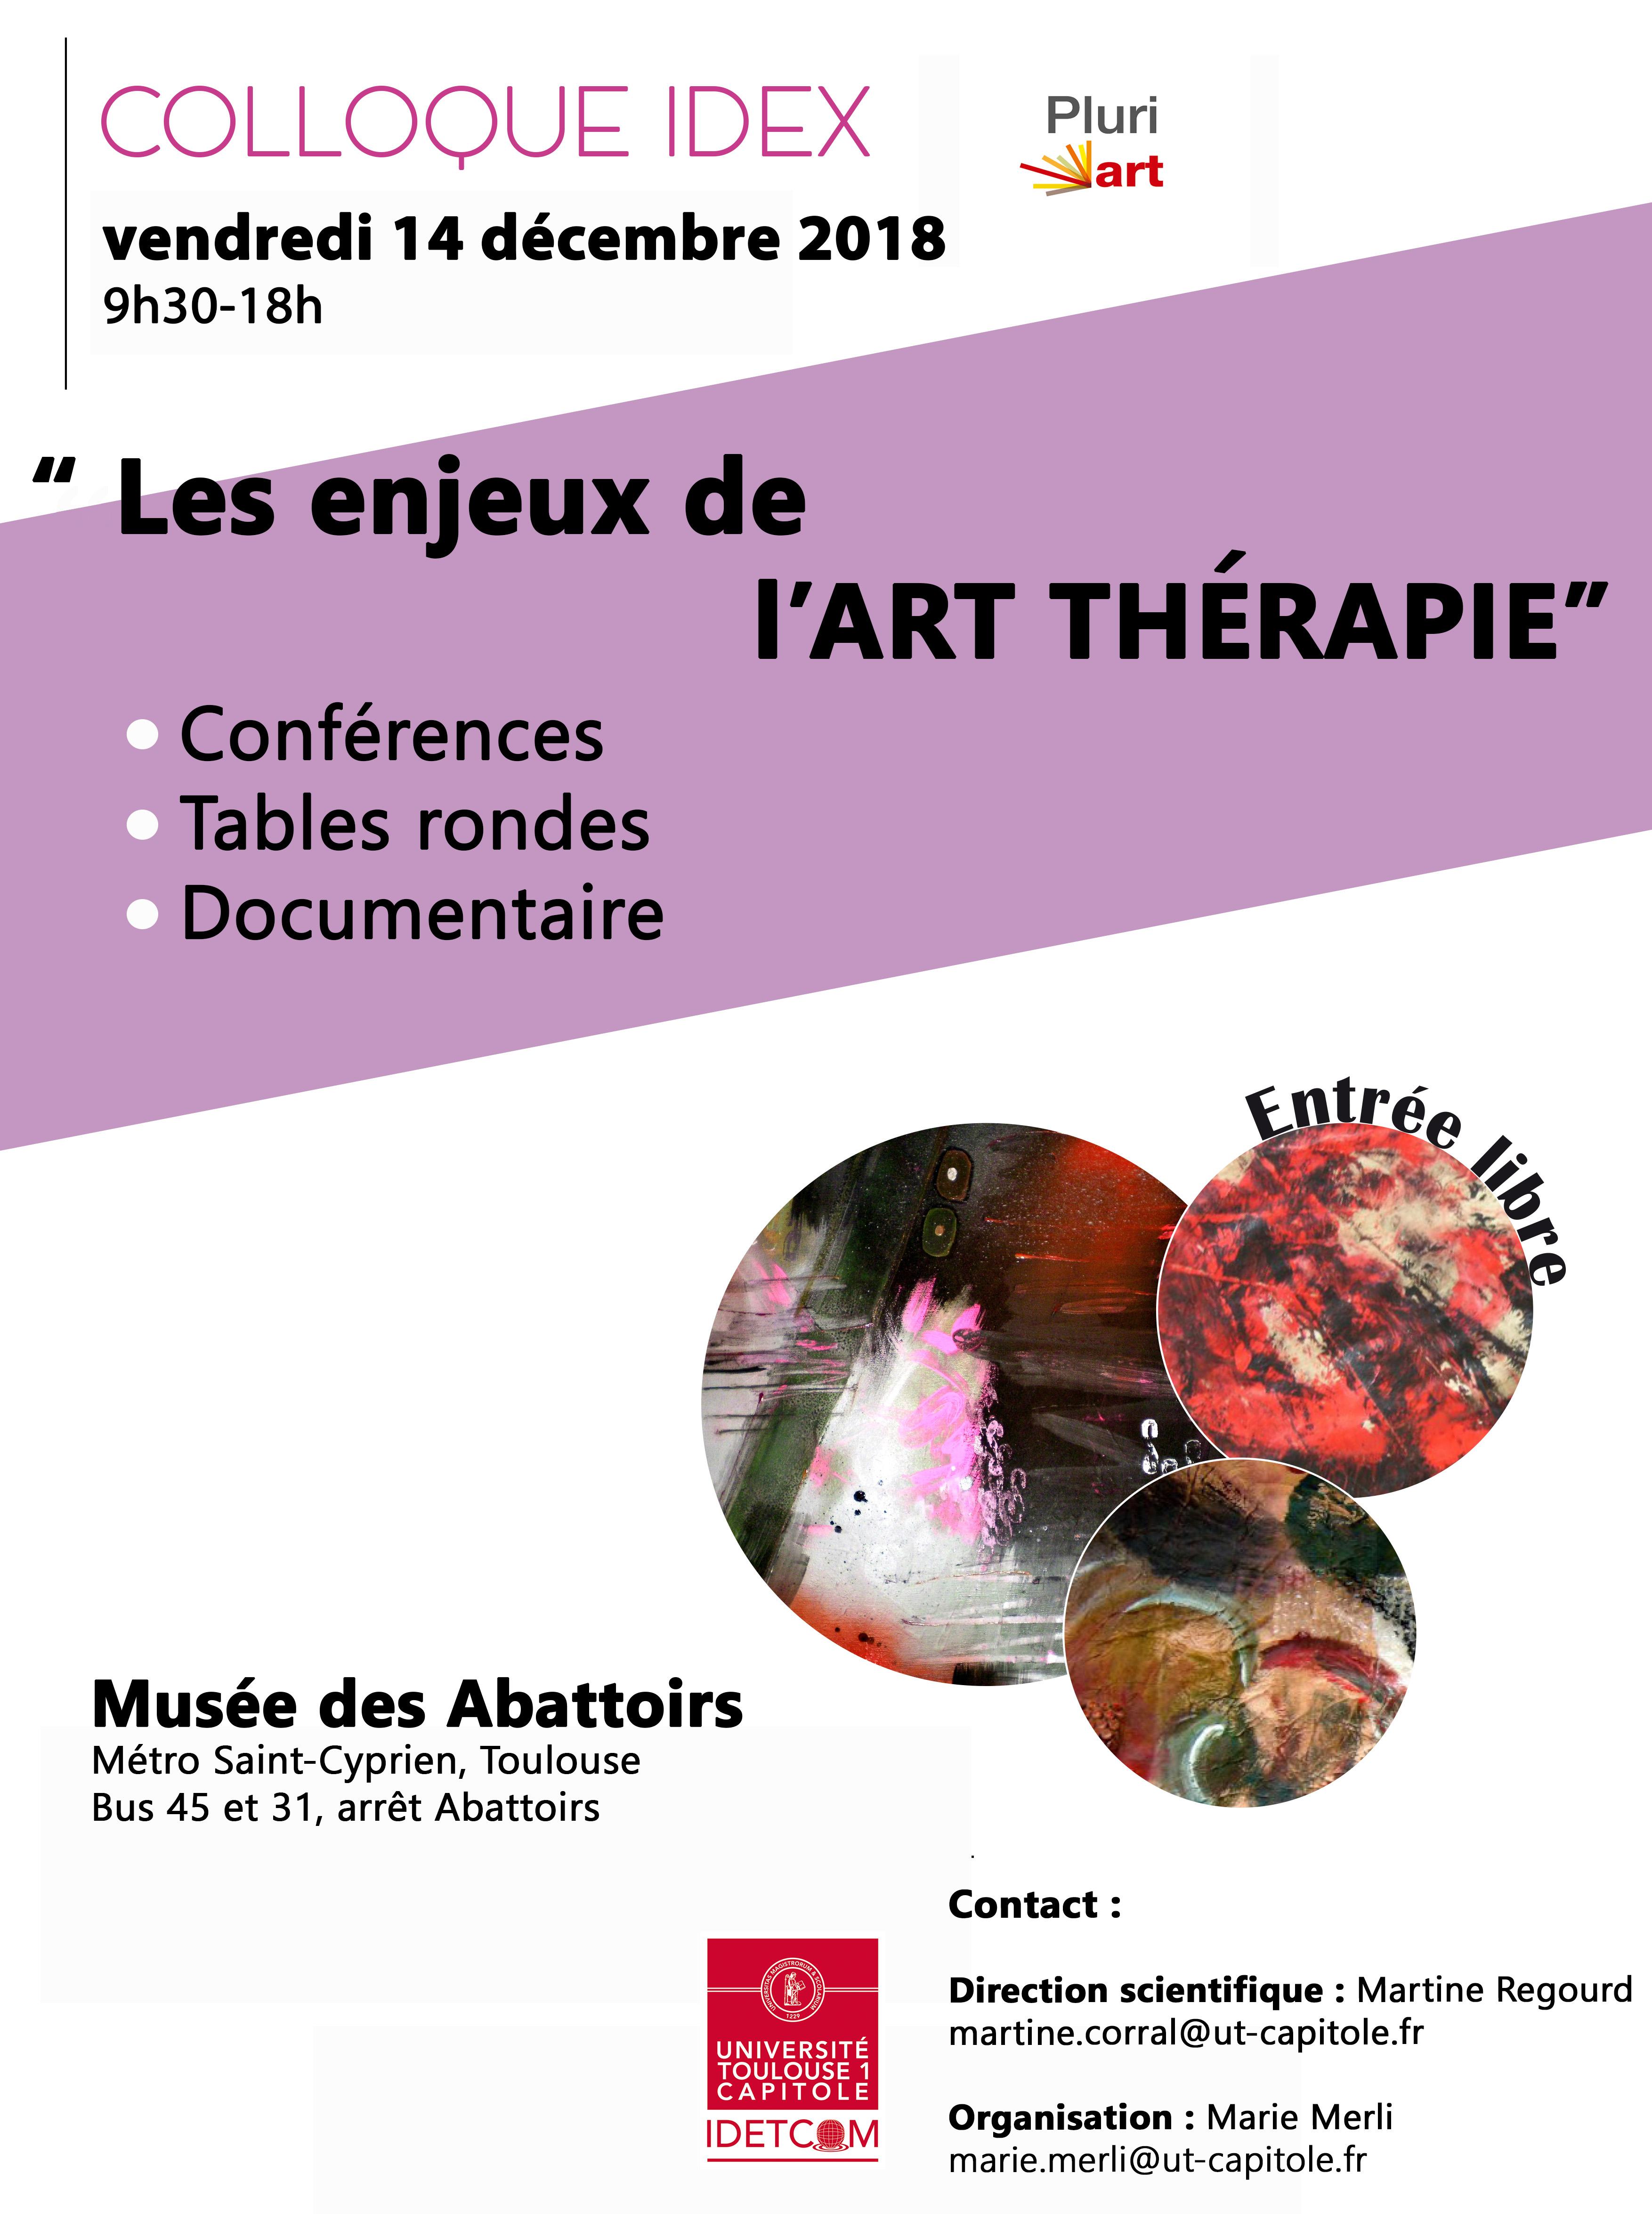 Colloque Idex Pluriart les enjeux de l'art thérapie